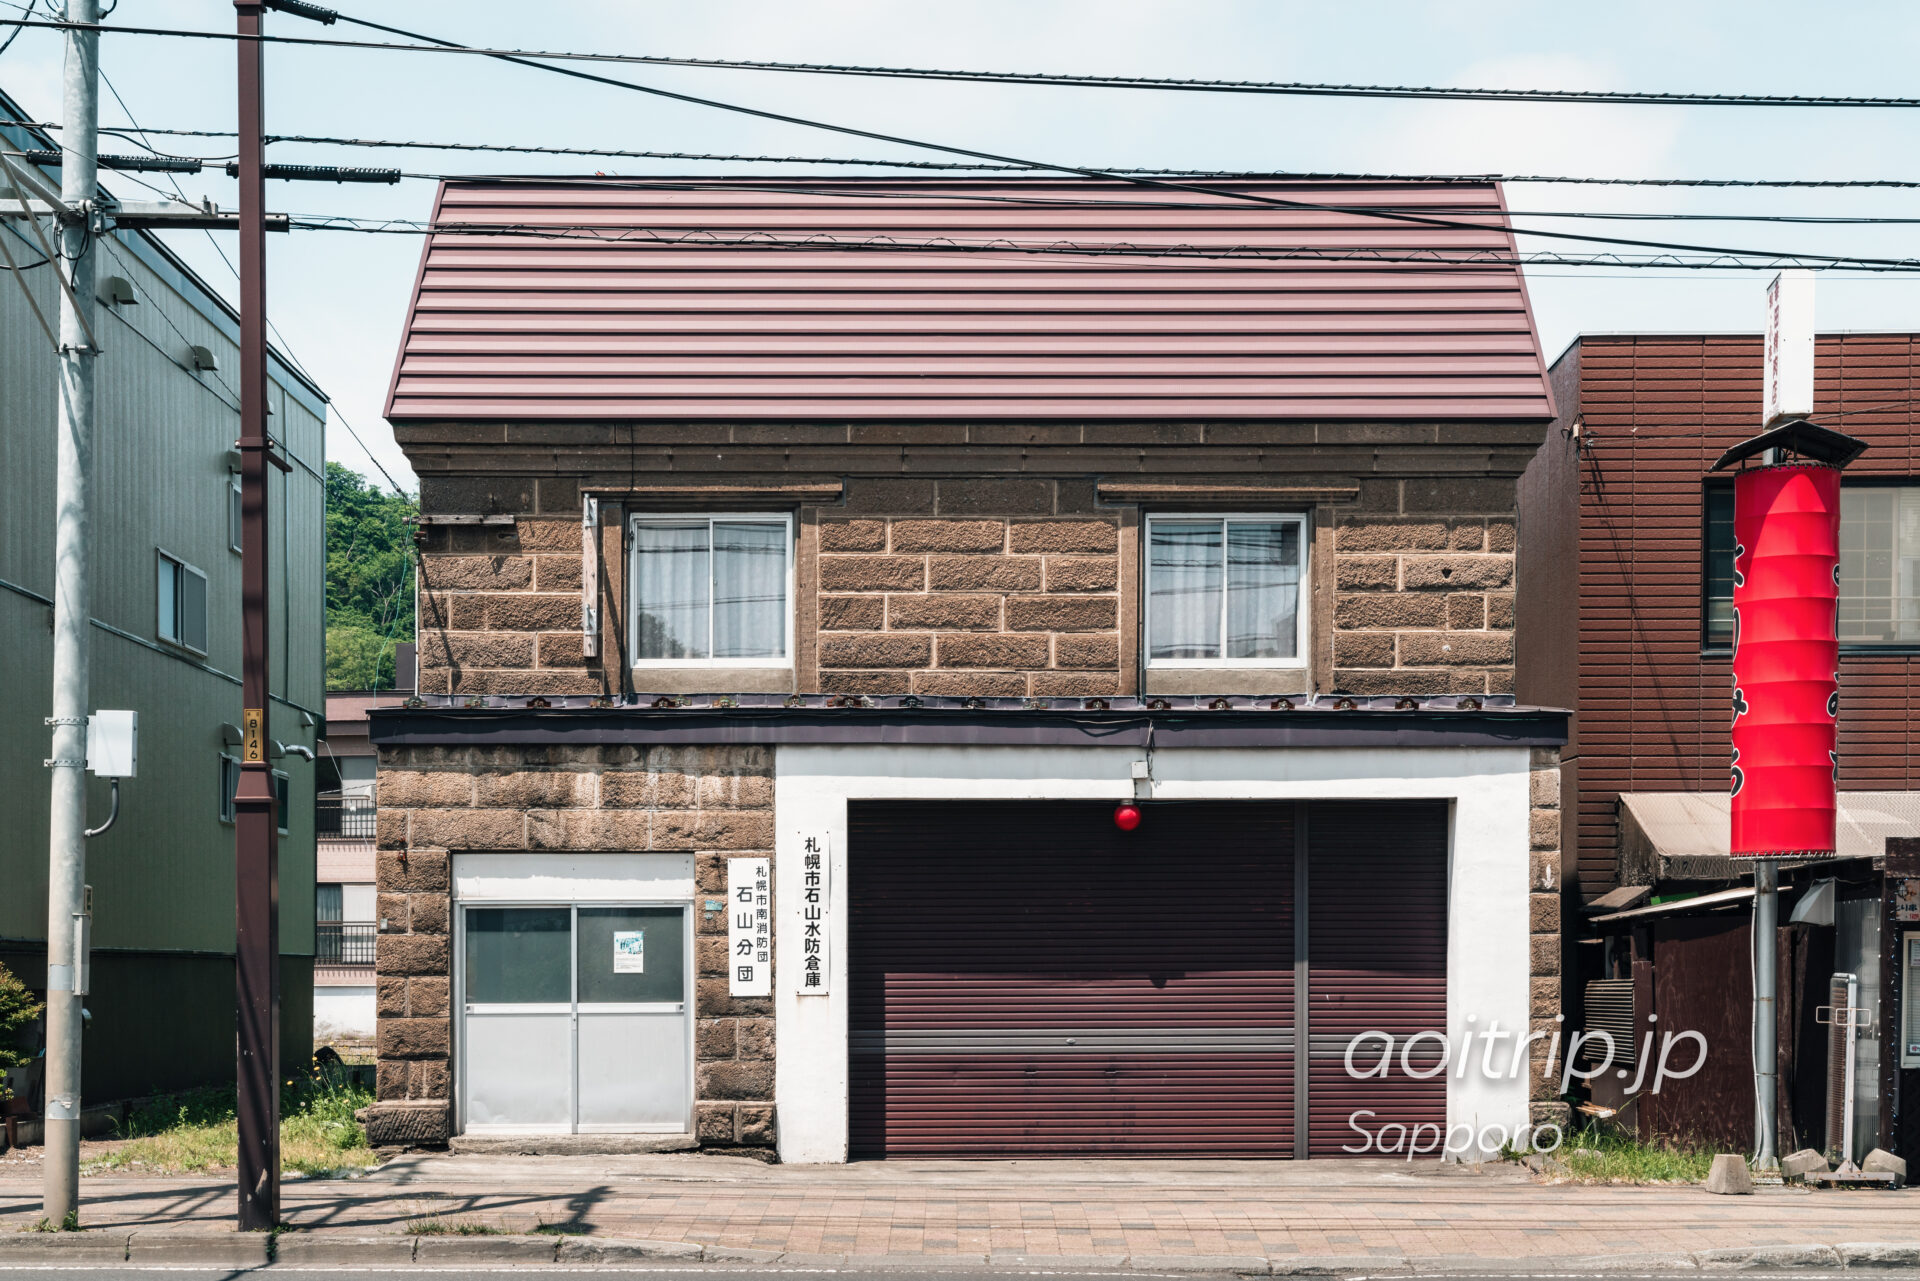 札幌市南区 石山消防倉庫の札幌軟石の外壁